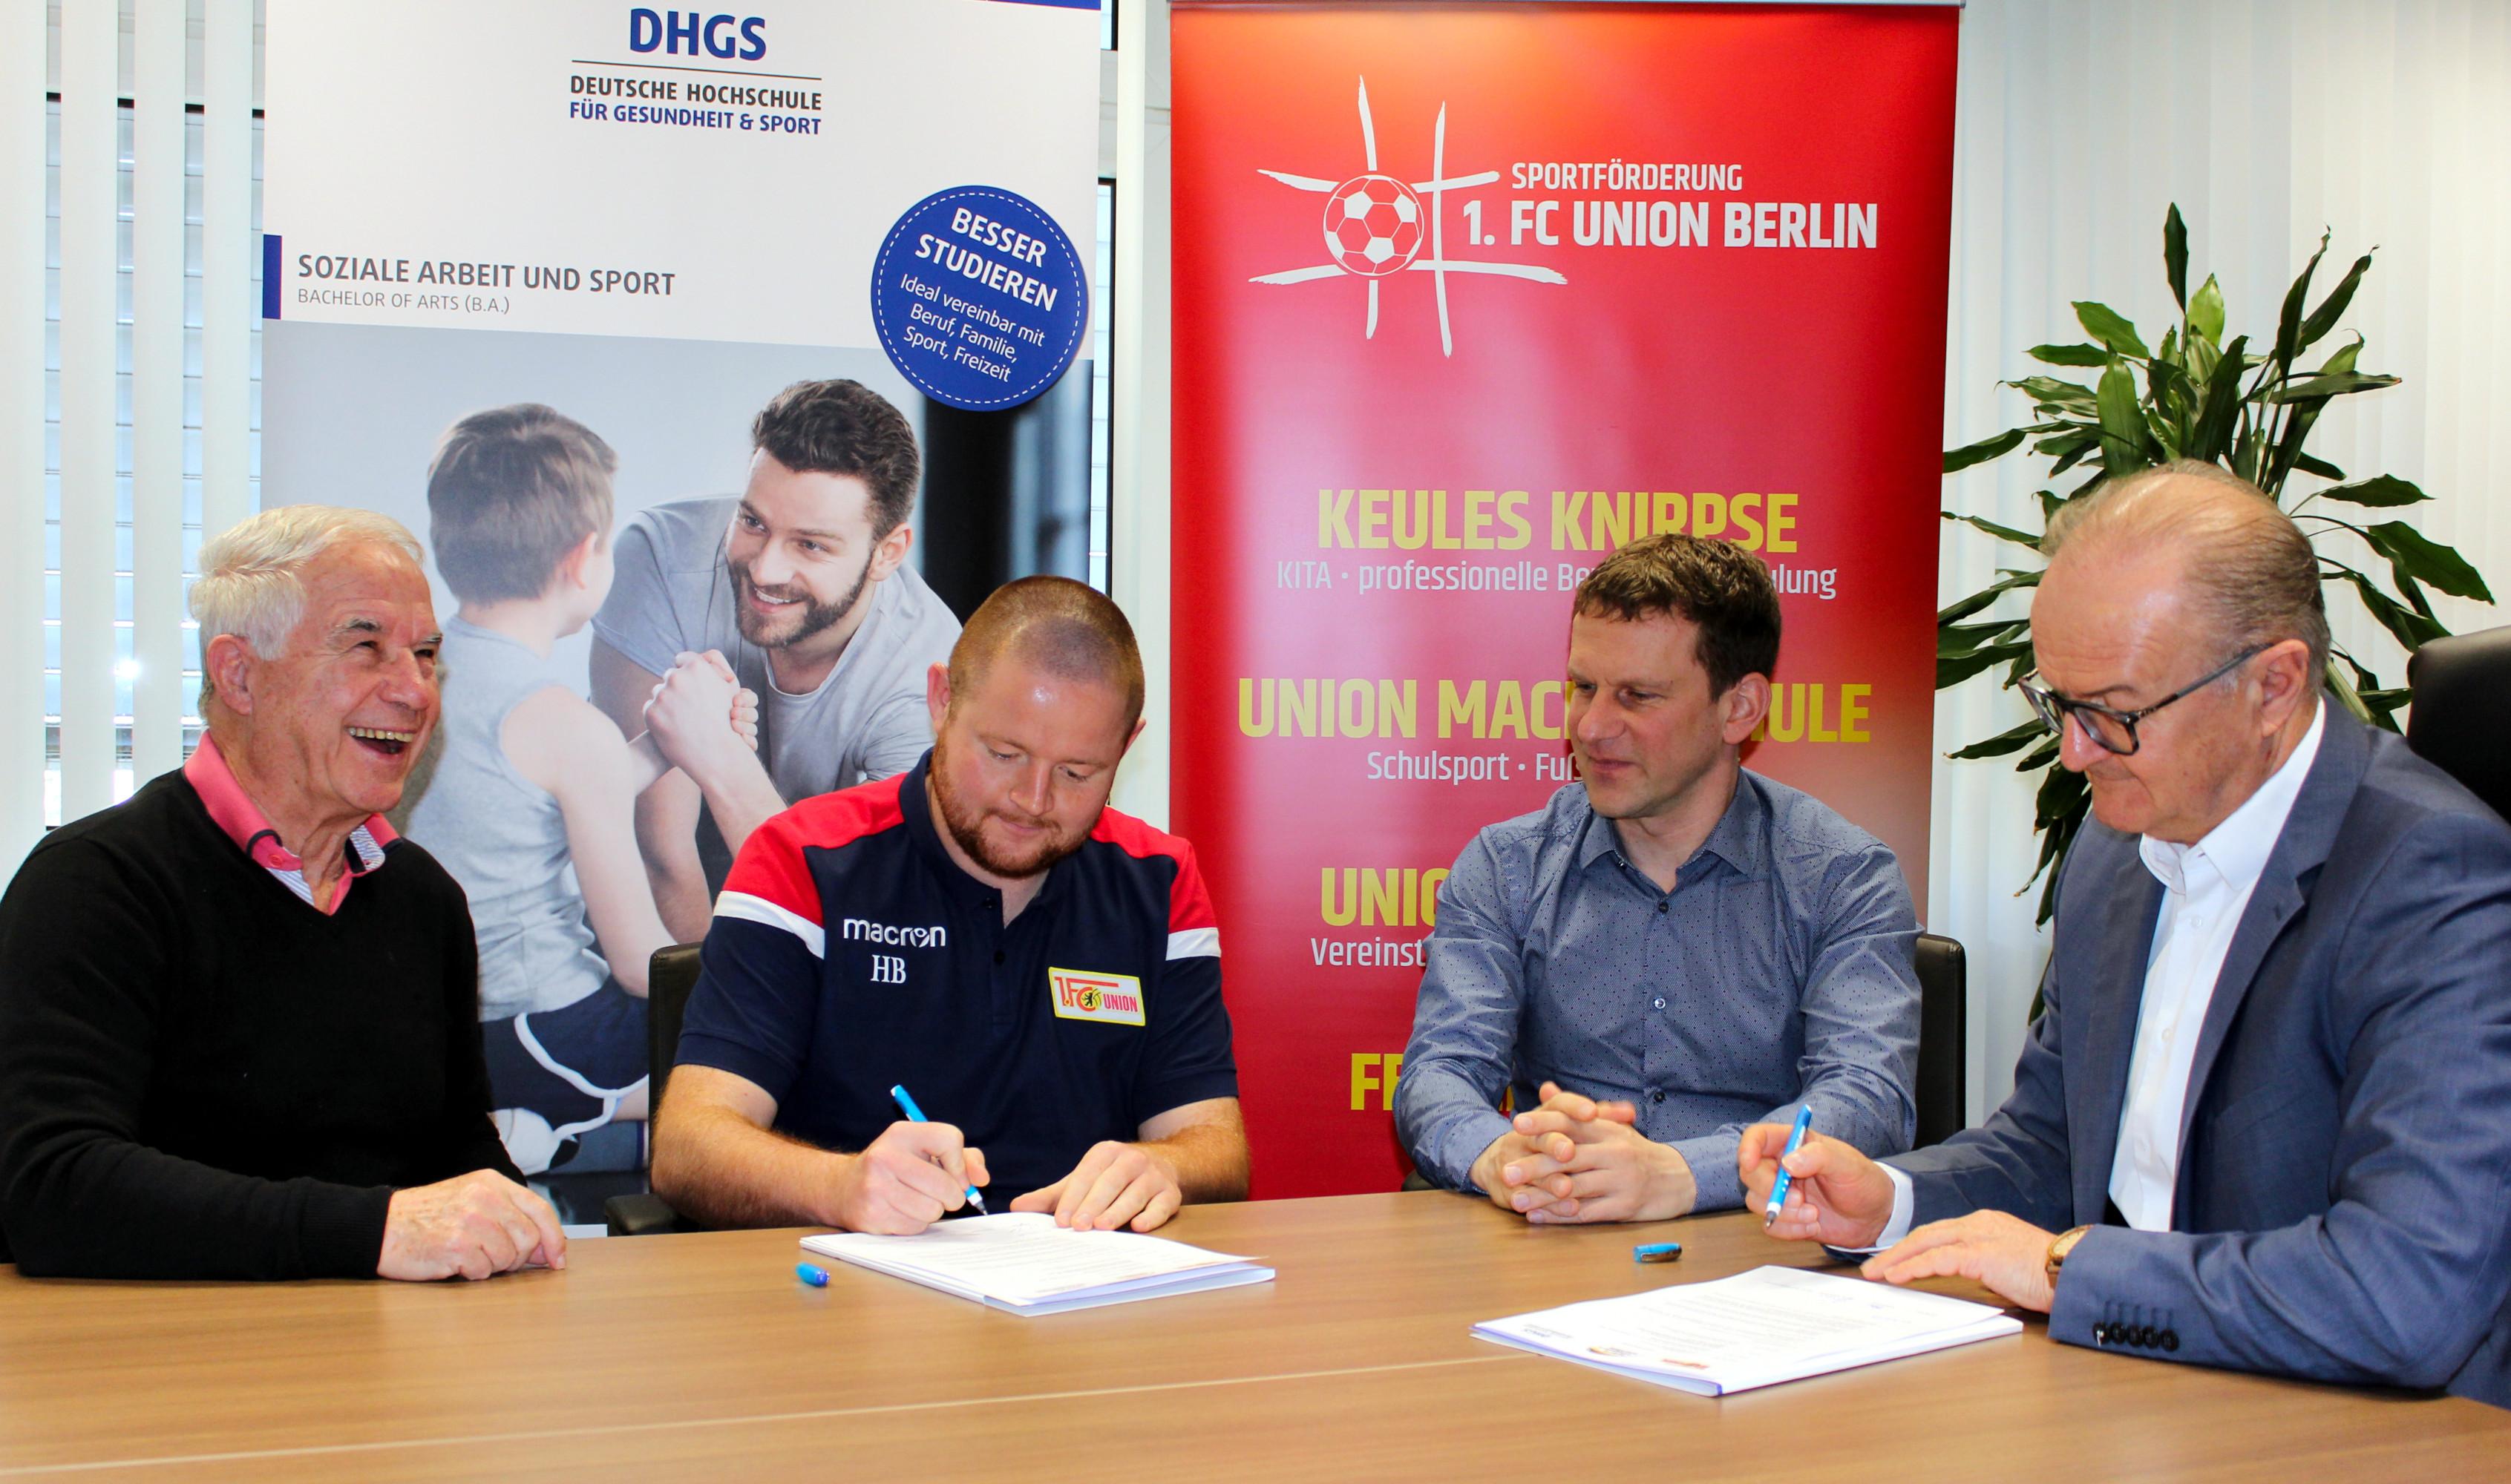 Vier männliche Personen unterzeichnen einen Kooperationsvertrag zwischen der DHGS Hochschule und dem 1.FC Union Berlin